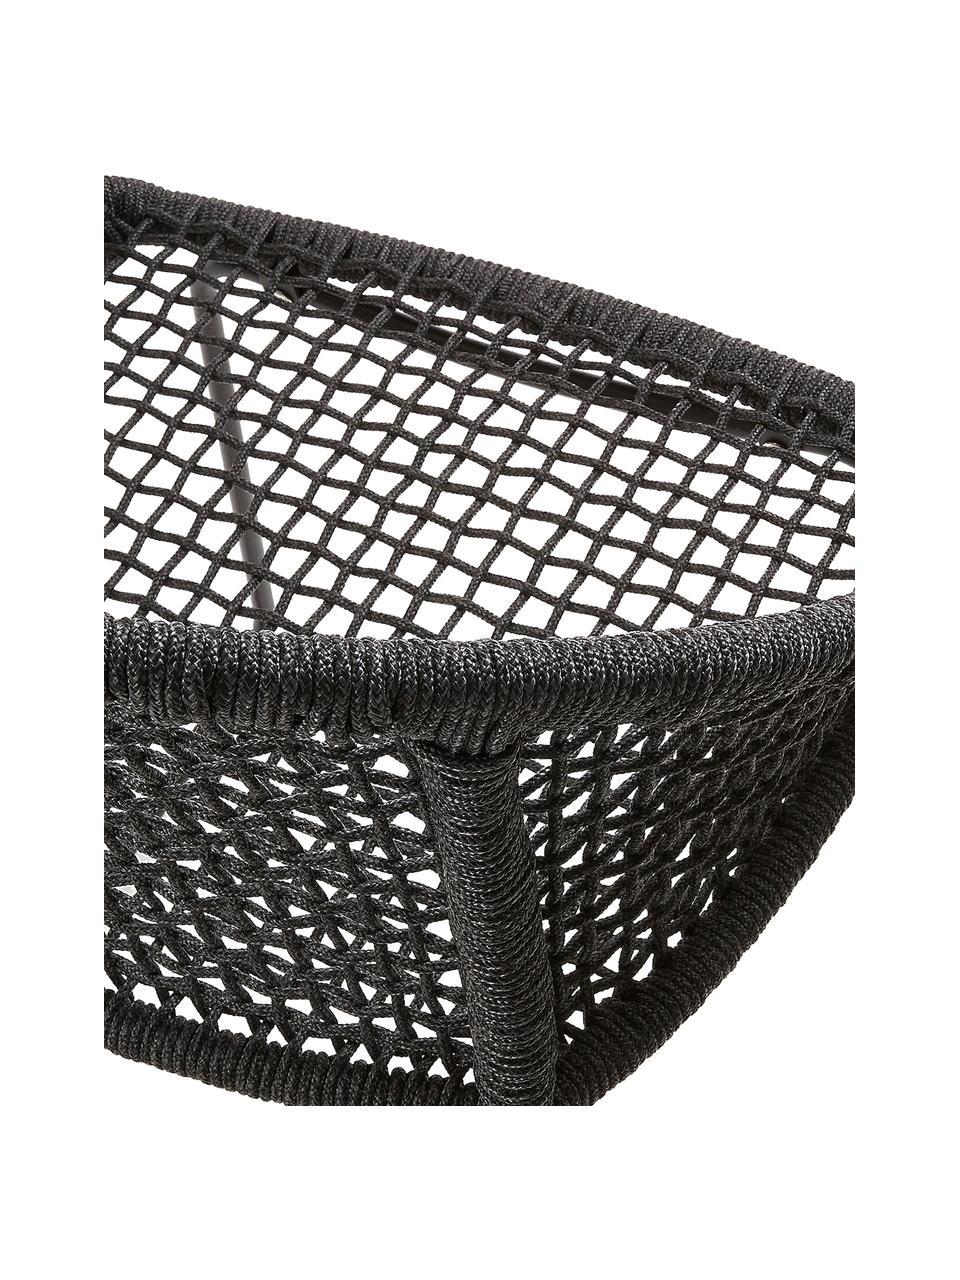 Garten-Armlehnstühle Sania, 2 Stück, Sitzschale: Polyester, UV-stabilisier, Beine: Metall, pulverbeschichtet, Dunkelgrau, B 65 x T 58 cm